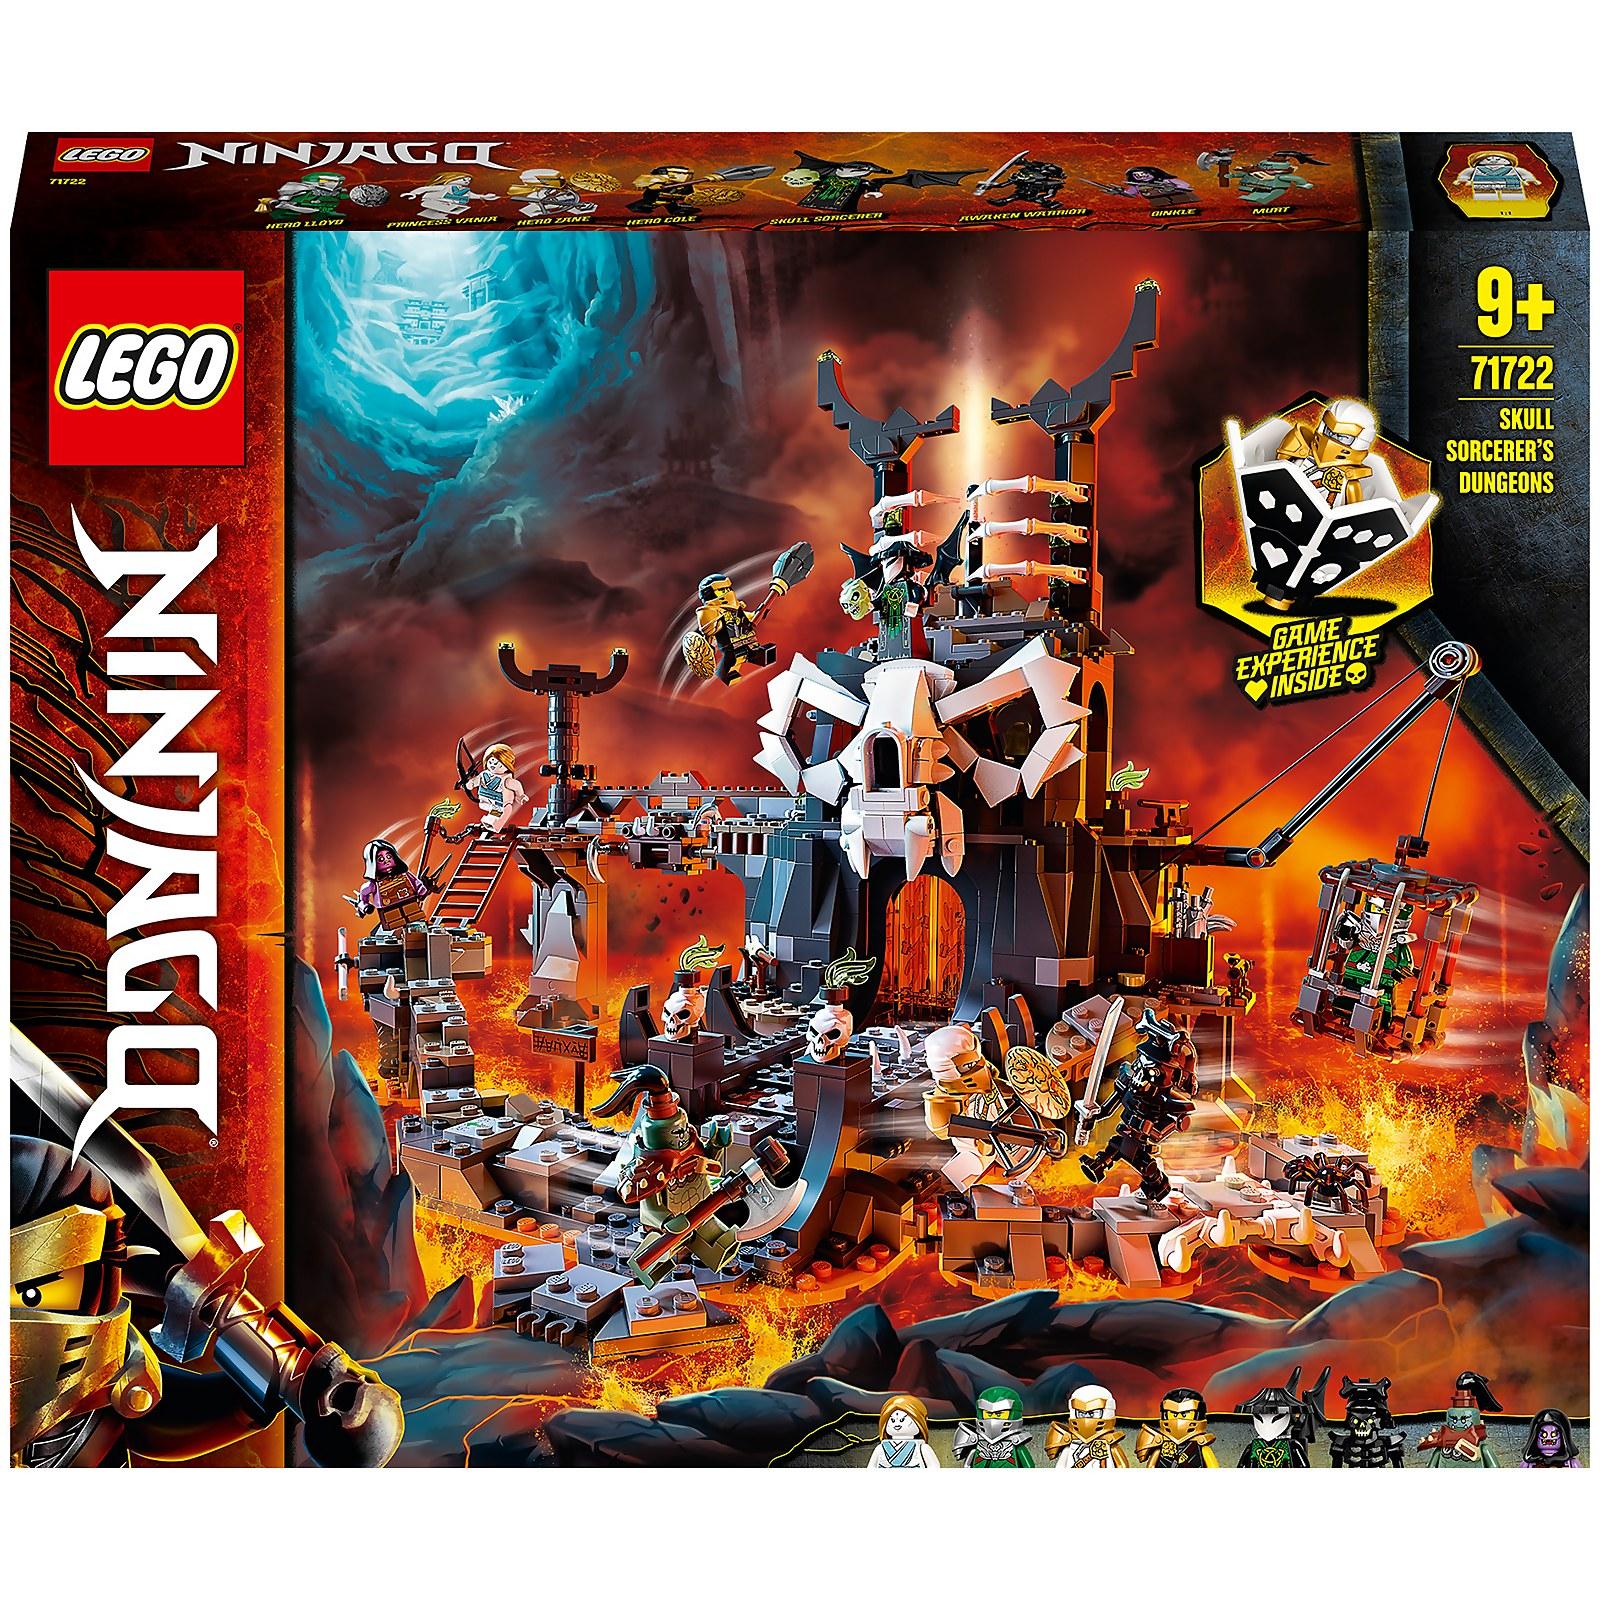 Image of LEGO NINJAGO: Skull Sorcerer's Dungeons Board Game Set (71722)